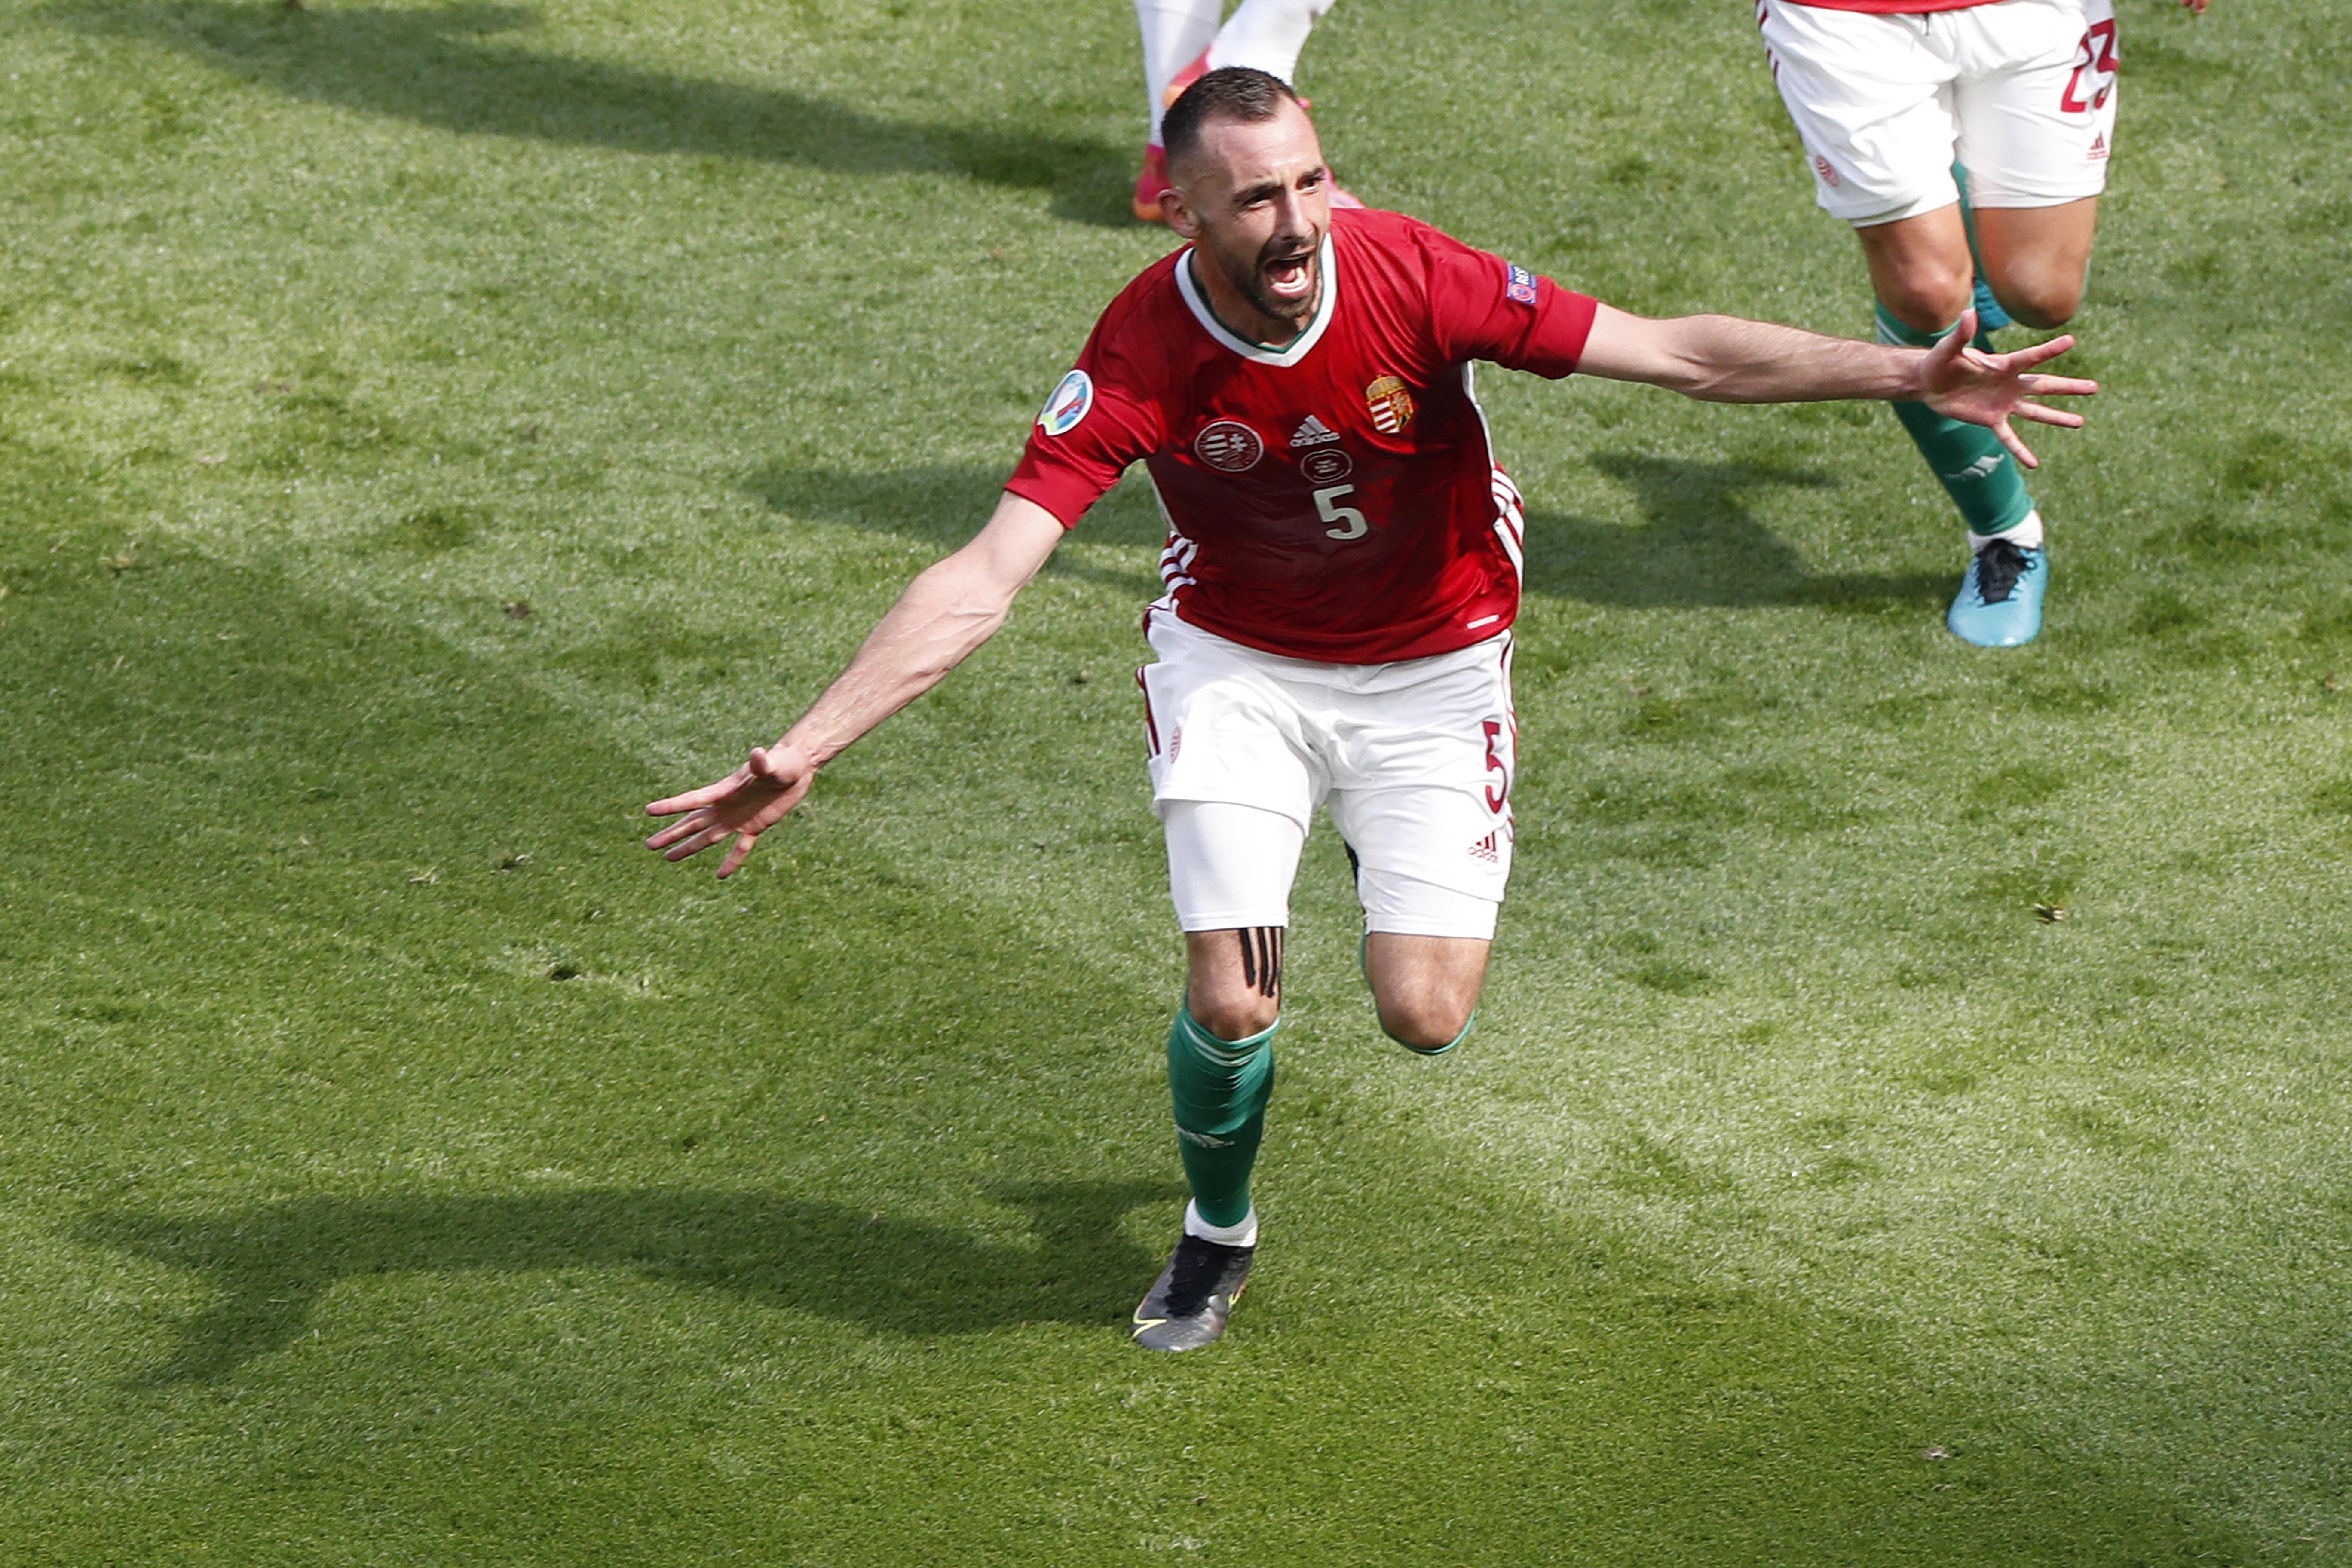 Fiola Attila elnézést kért Szalay Edittől, hogy a gólját ünnepelve ráijesztett